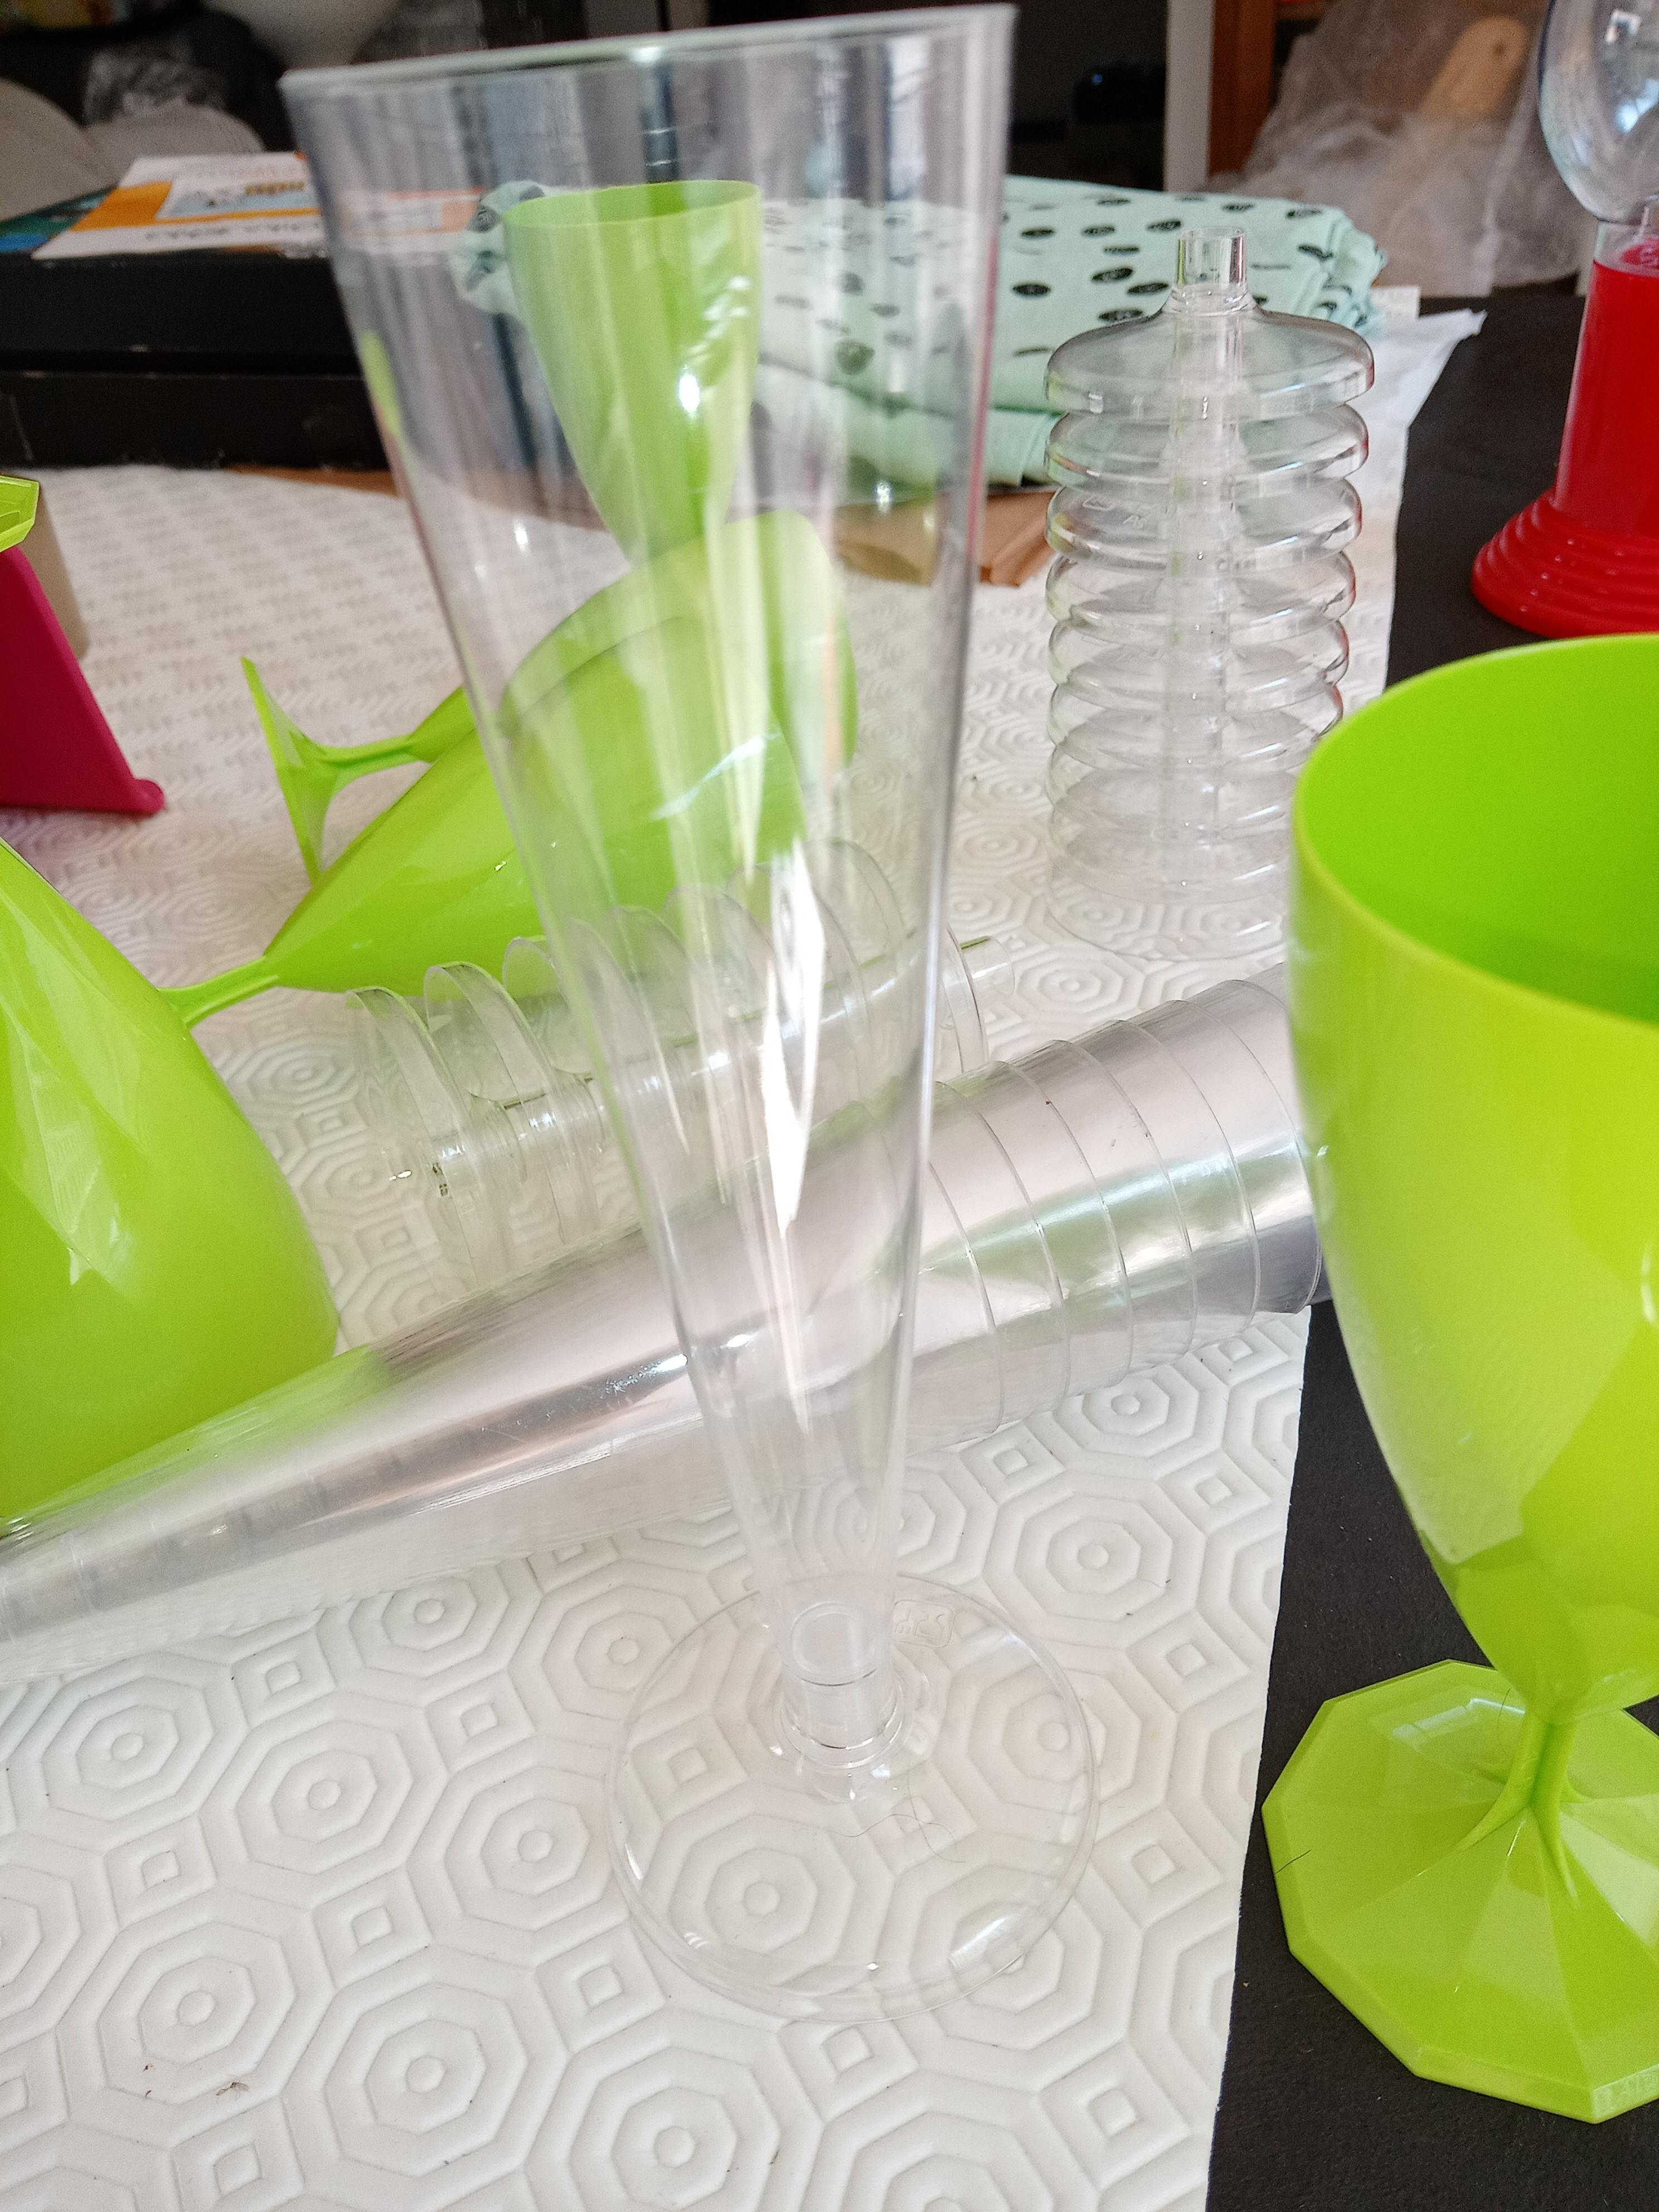 troc de troc lot de verres plastique *dispo* image 1